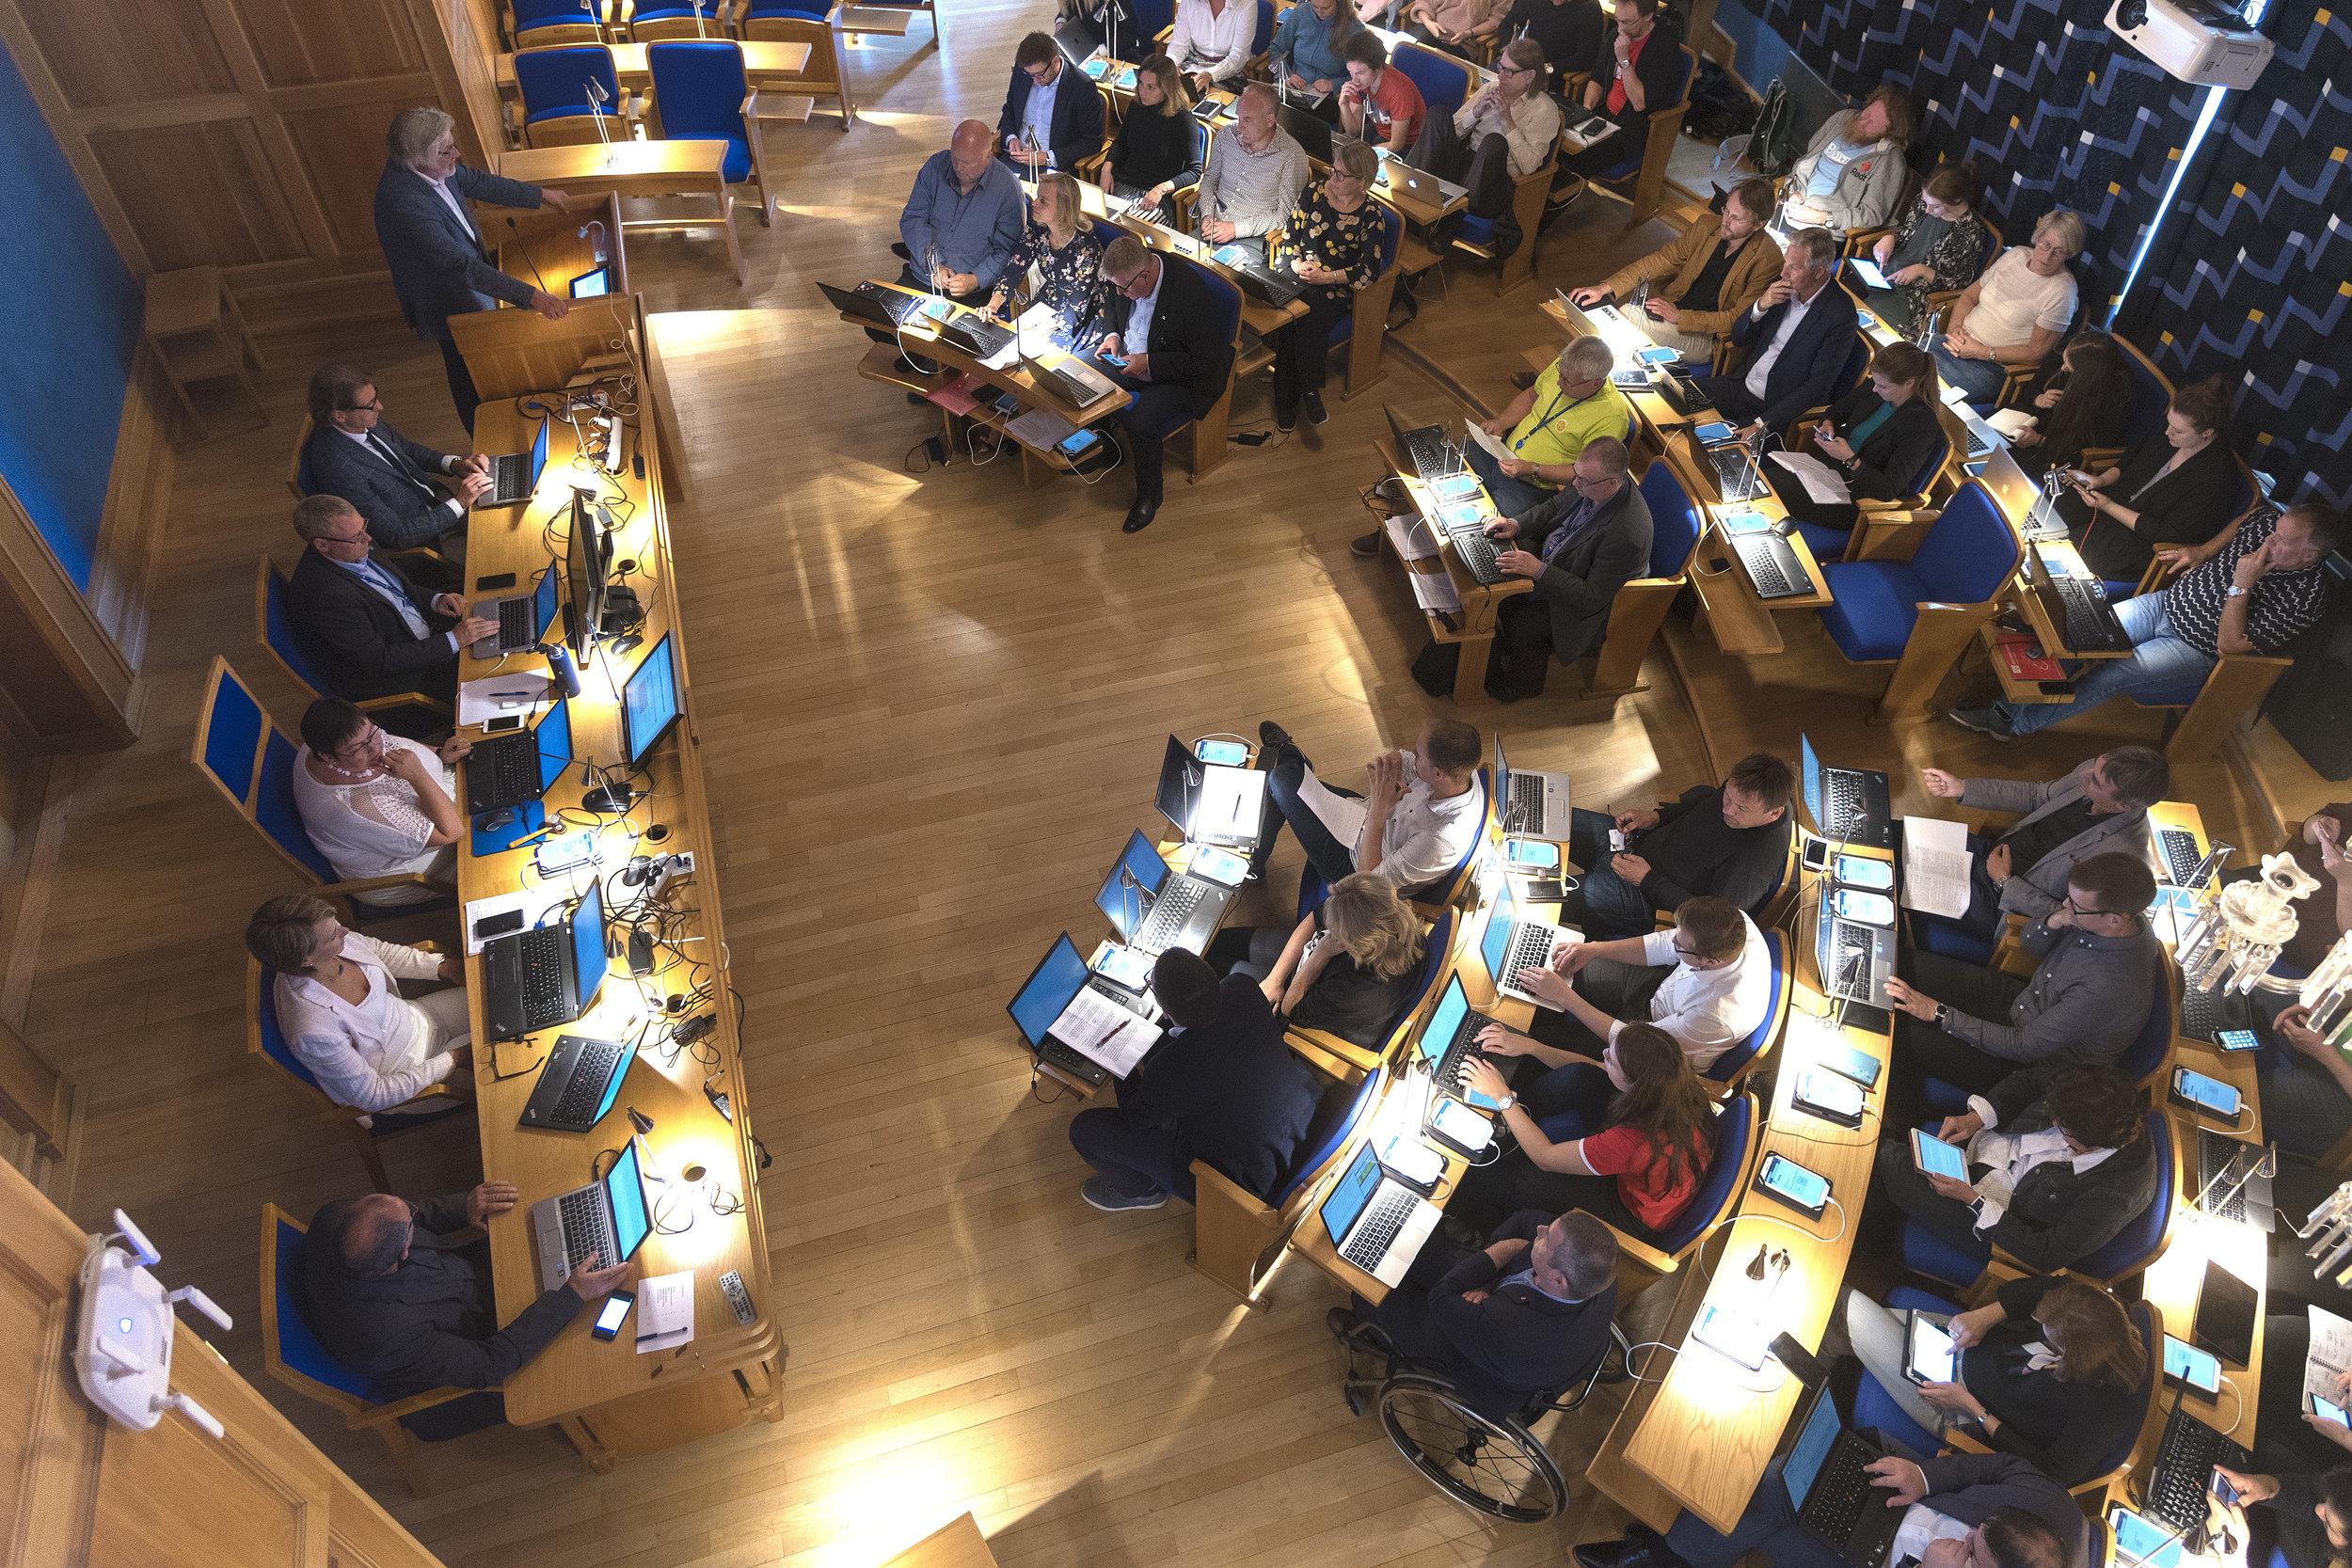 Kommunale styringsprosessar - Den tredje arbeidspakken tek for seg styringsprosessar i kommunane Sogndal, Horten, Malvik og Trondheim.